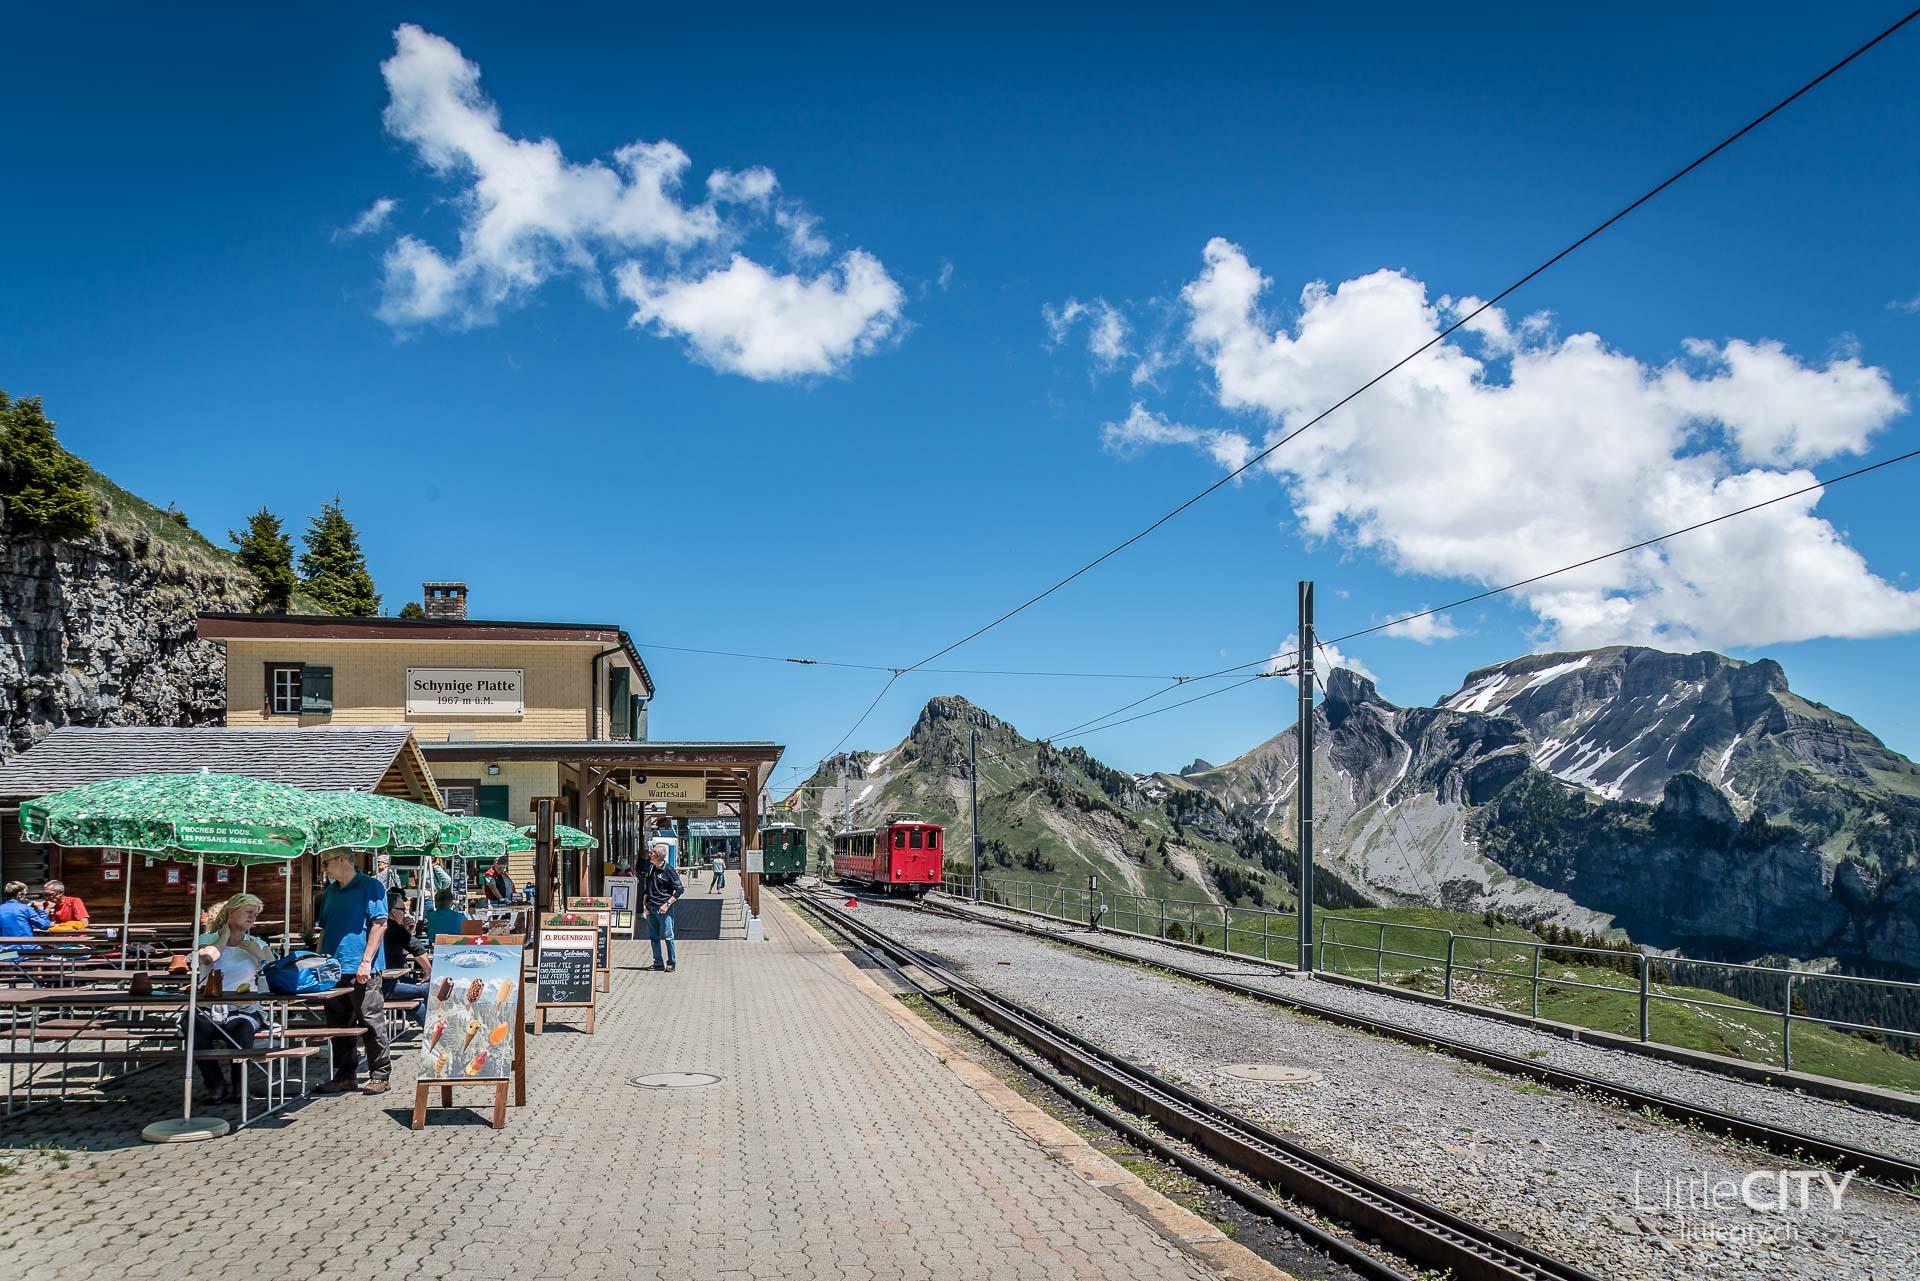 Schynige Platte Wanderung Jungfrau Bahnen LittleCITY-28